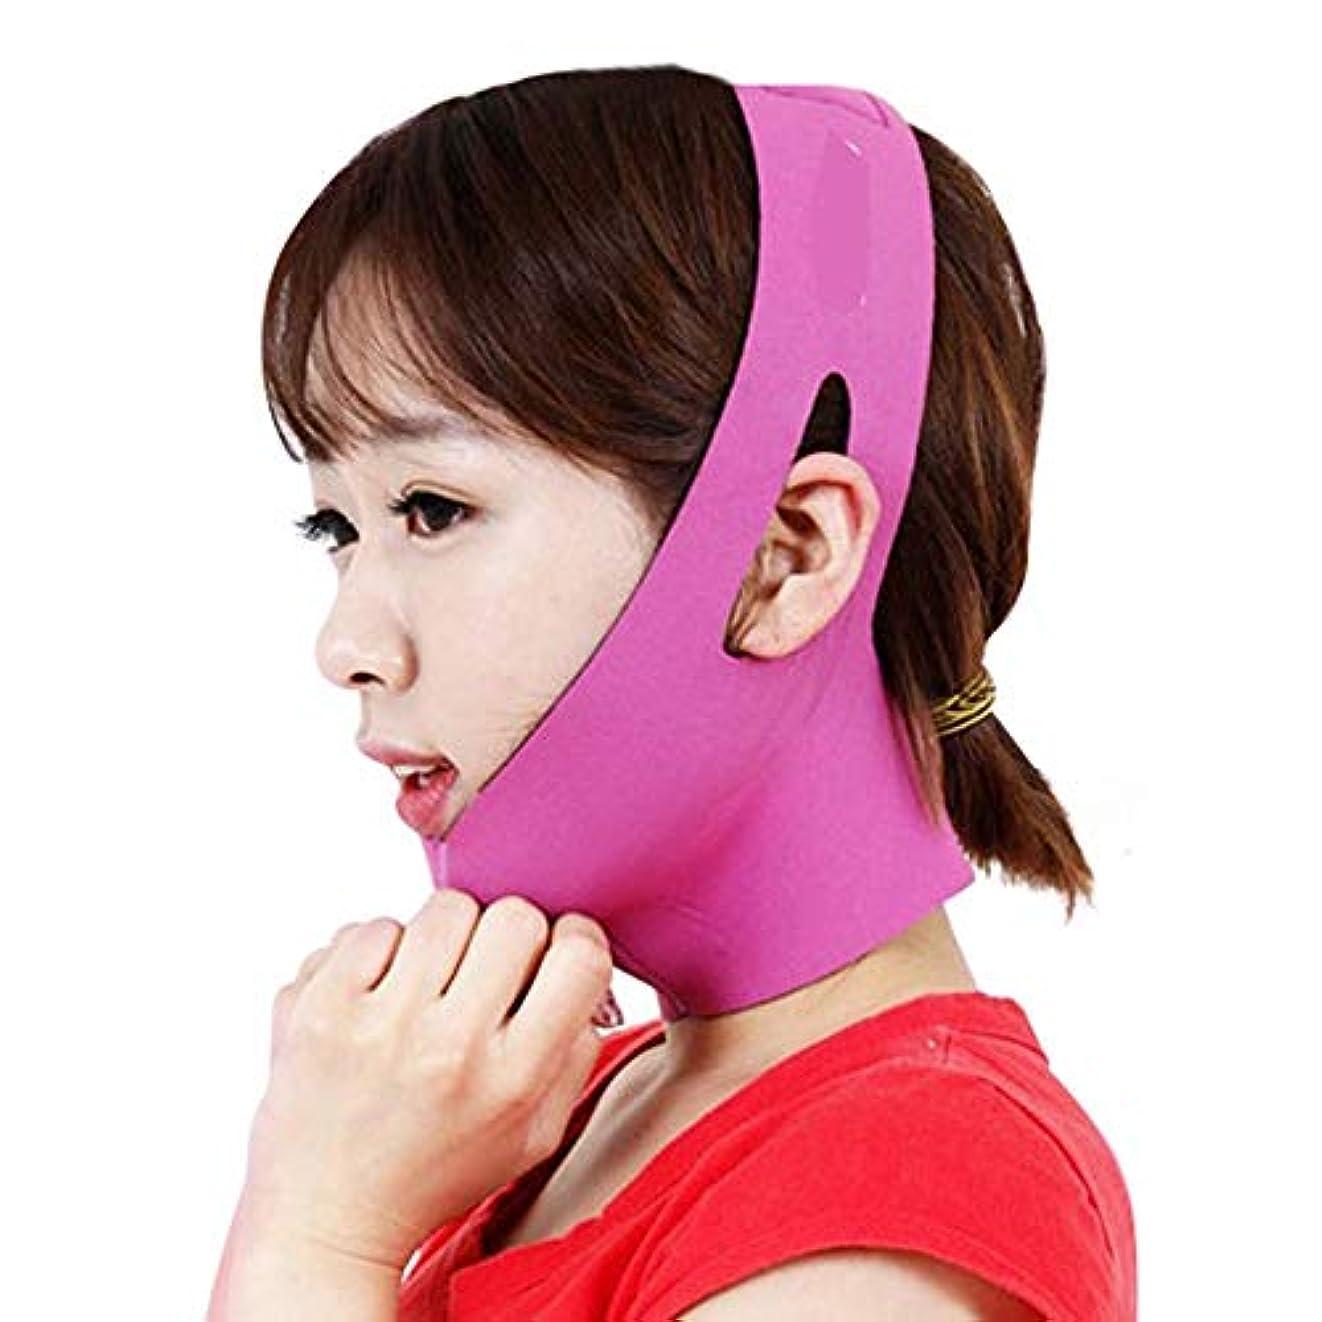 パース交渉する行列Jia Jia- フェイシャルリフティング痩身ベルト圧縮二重あご減量ベルトスキンケア薄い顔包帯二重あごワークアウト 顔面包帯 (色 : ピンク)